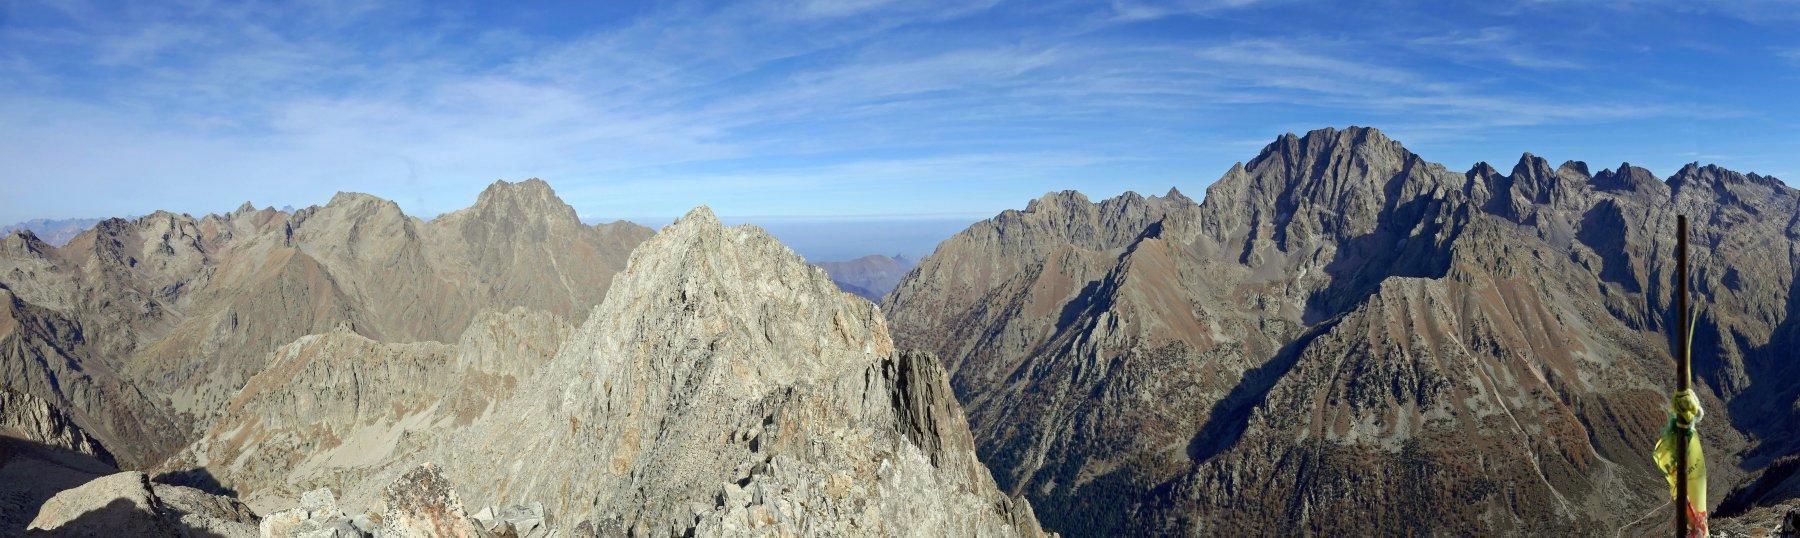 Panoramica dalla Testa Sud di Bresses